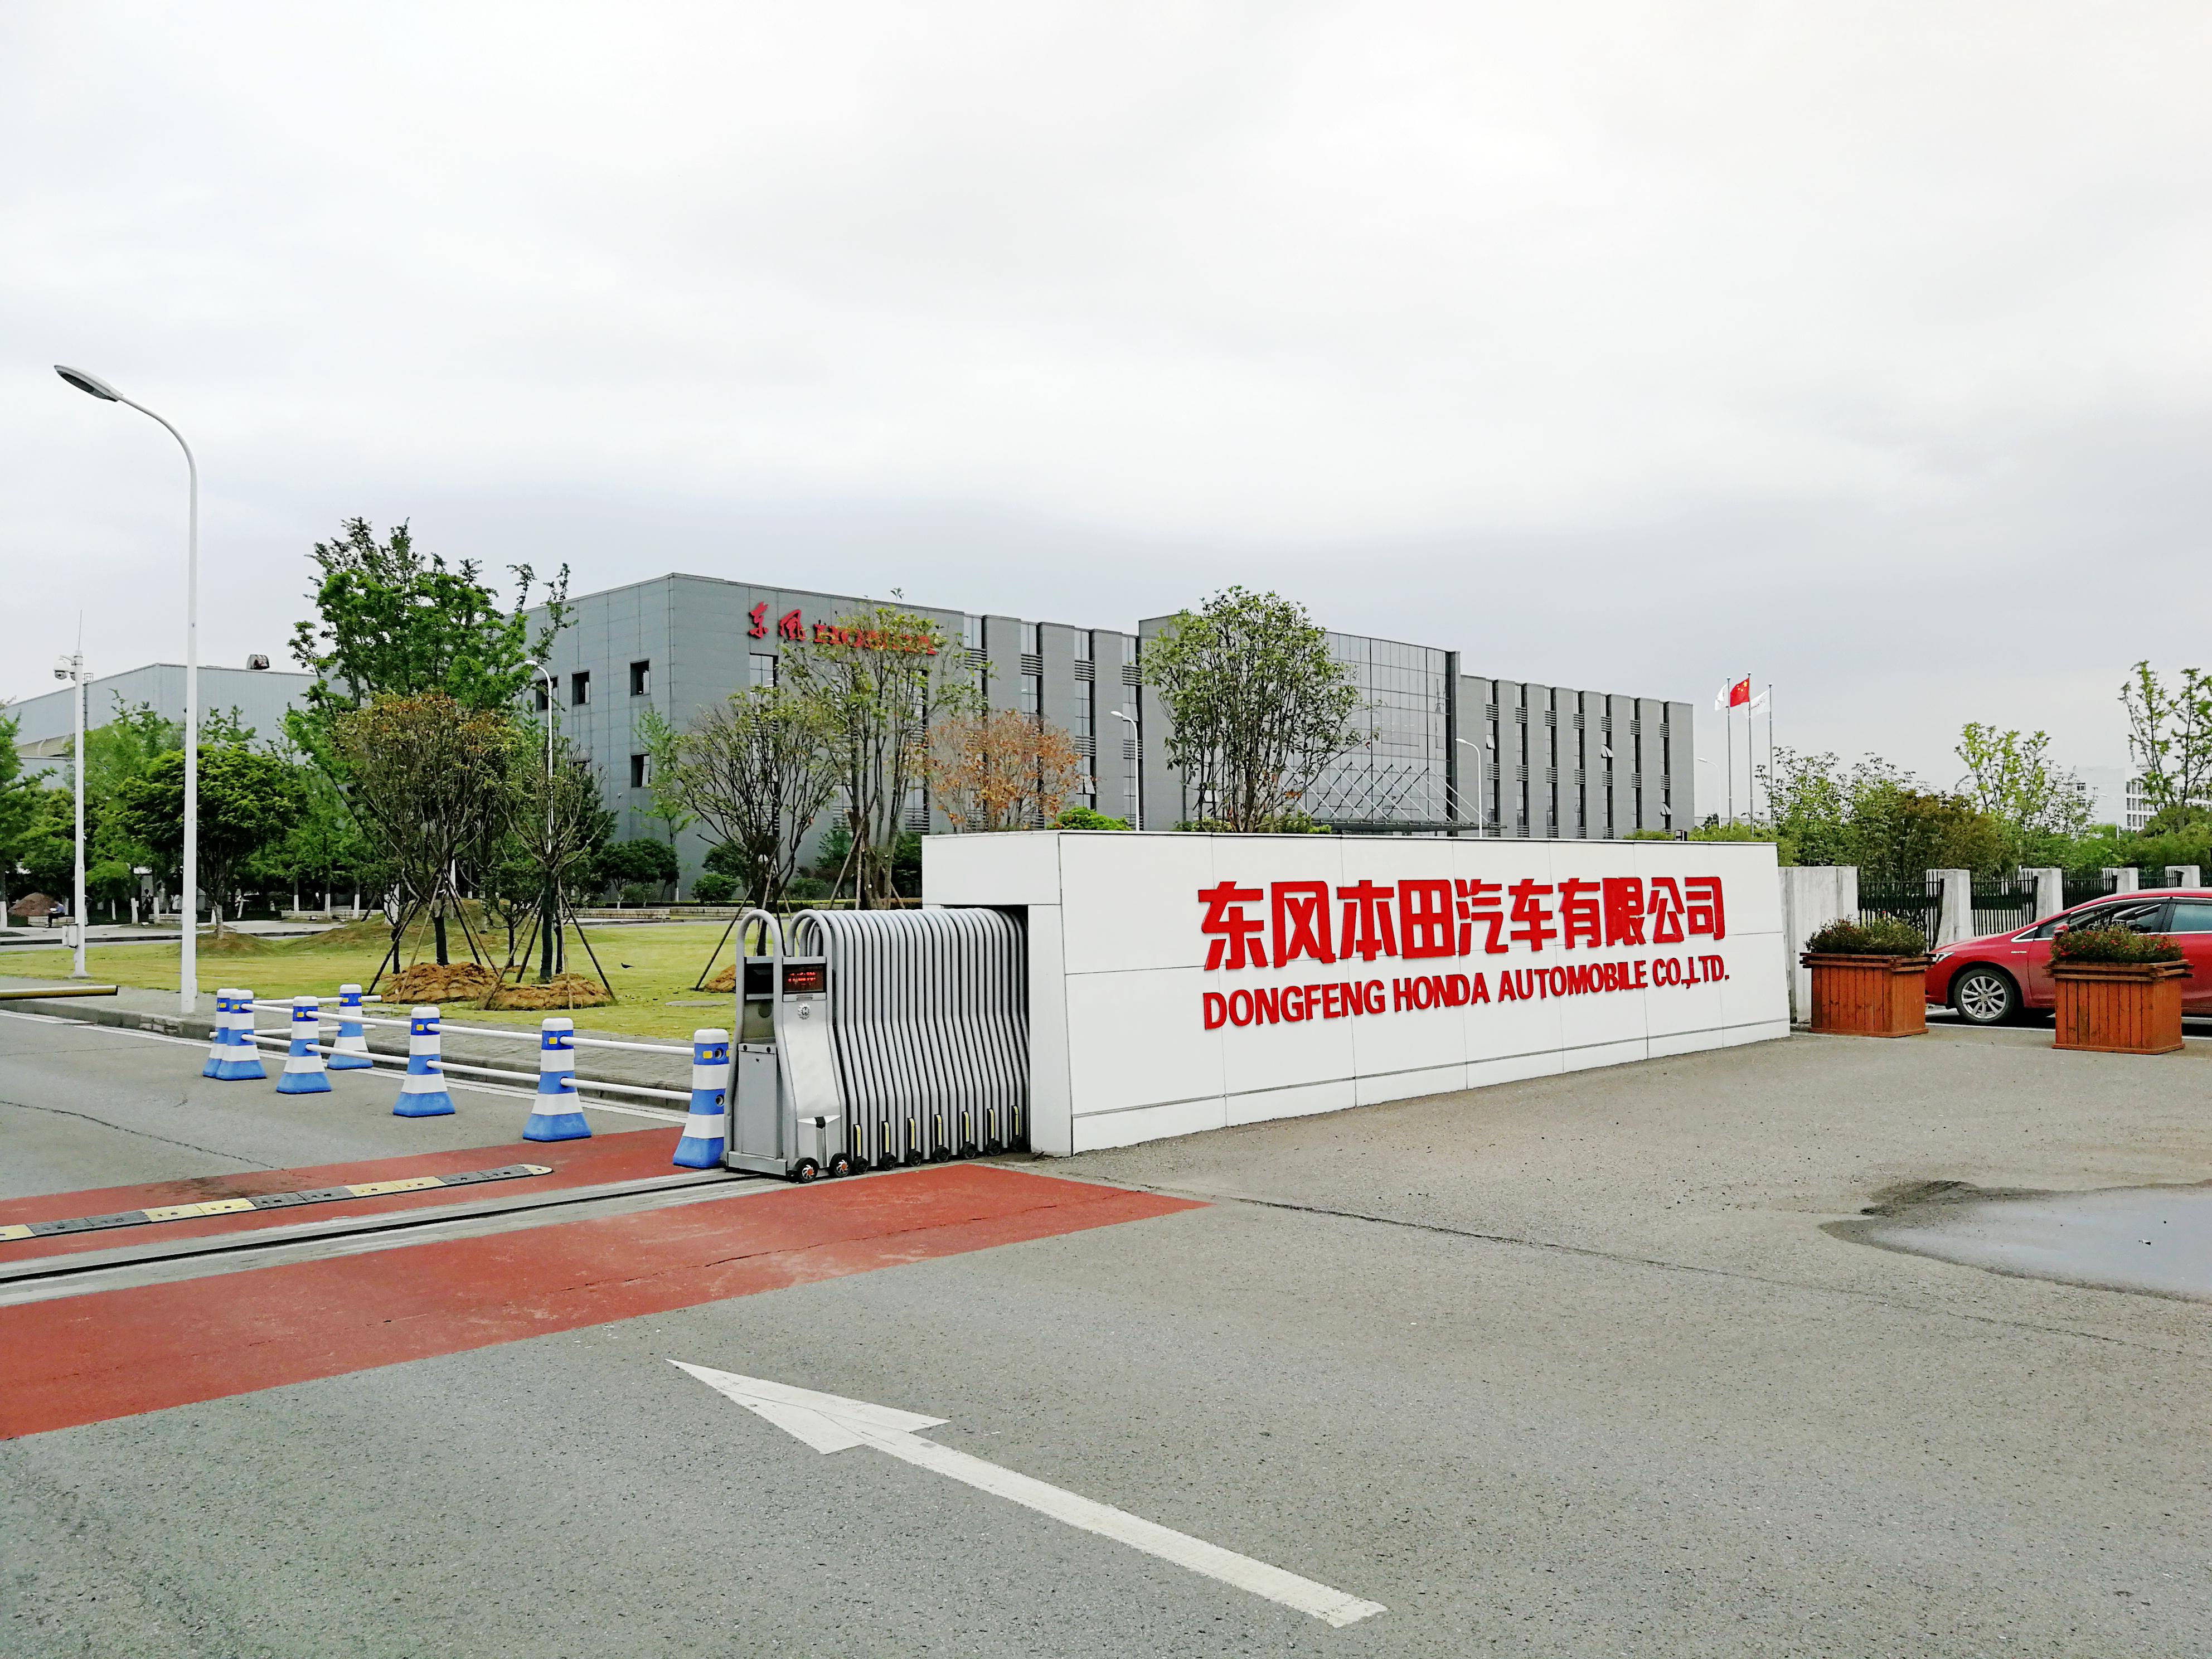 Dongfeng Honda - Wikipedia